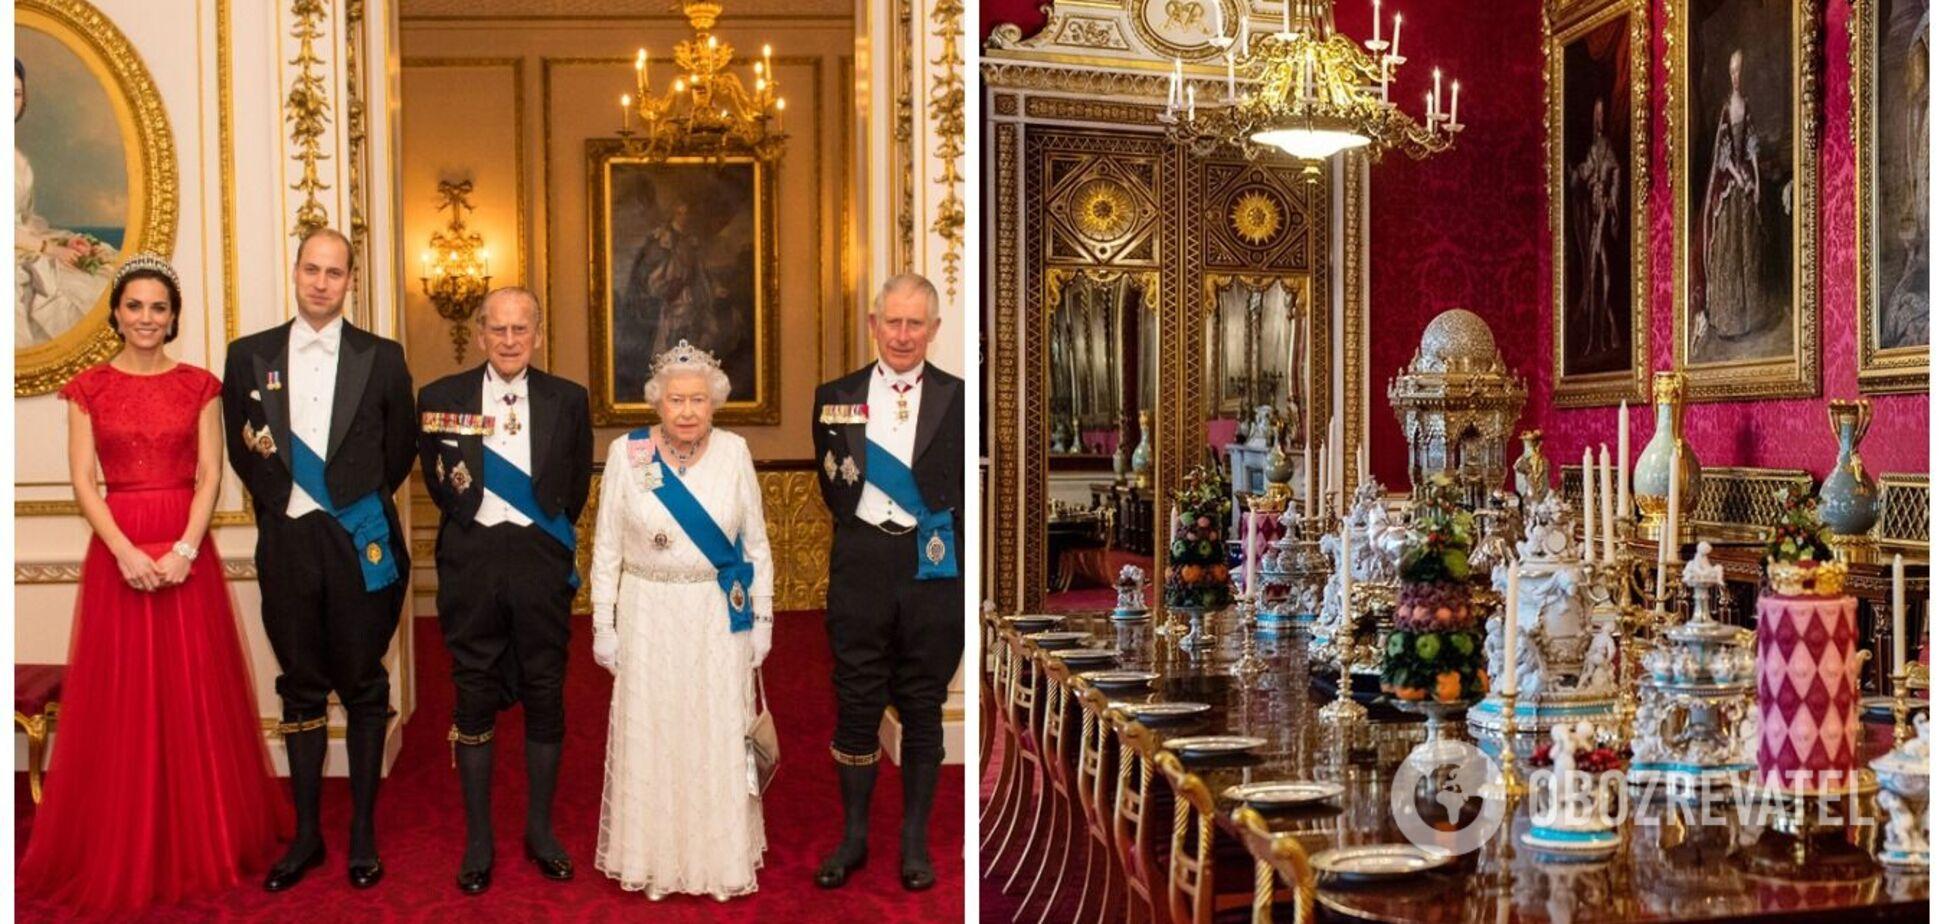 Где живут королевские семьи: роскошные дворцы. Фото